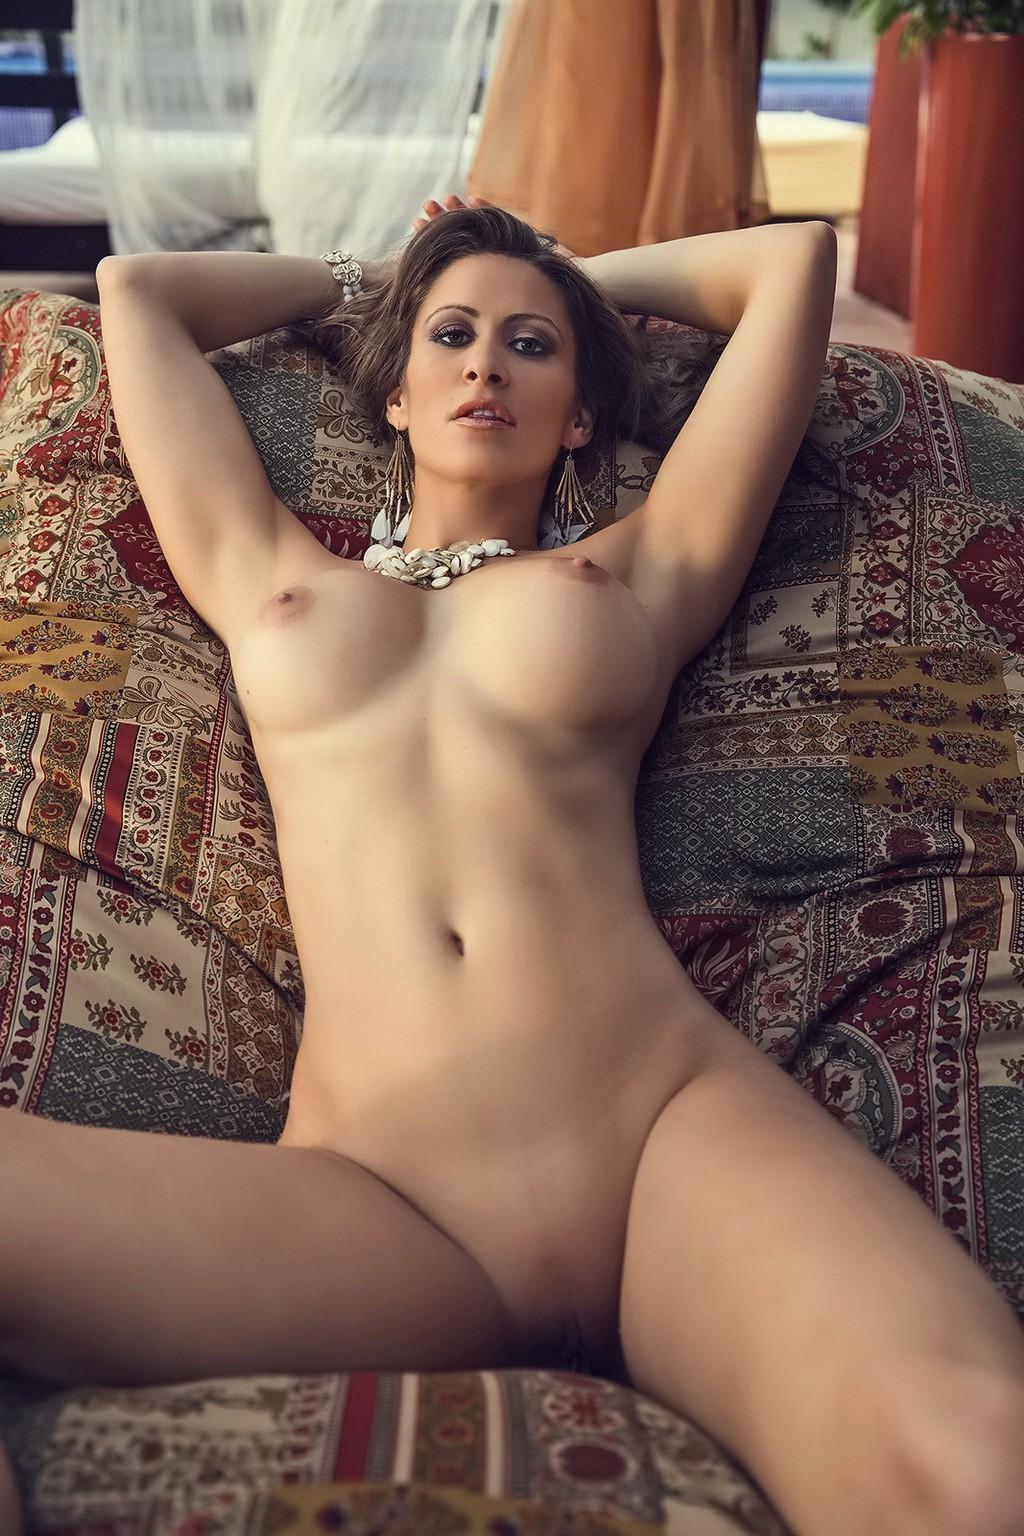 Porn anais zanotti nude